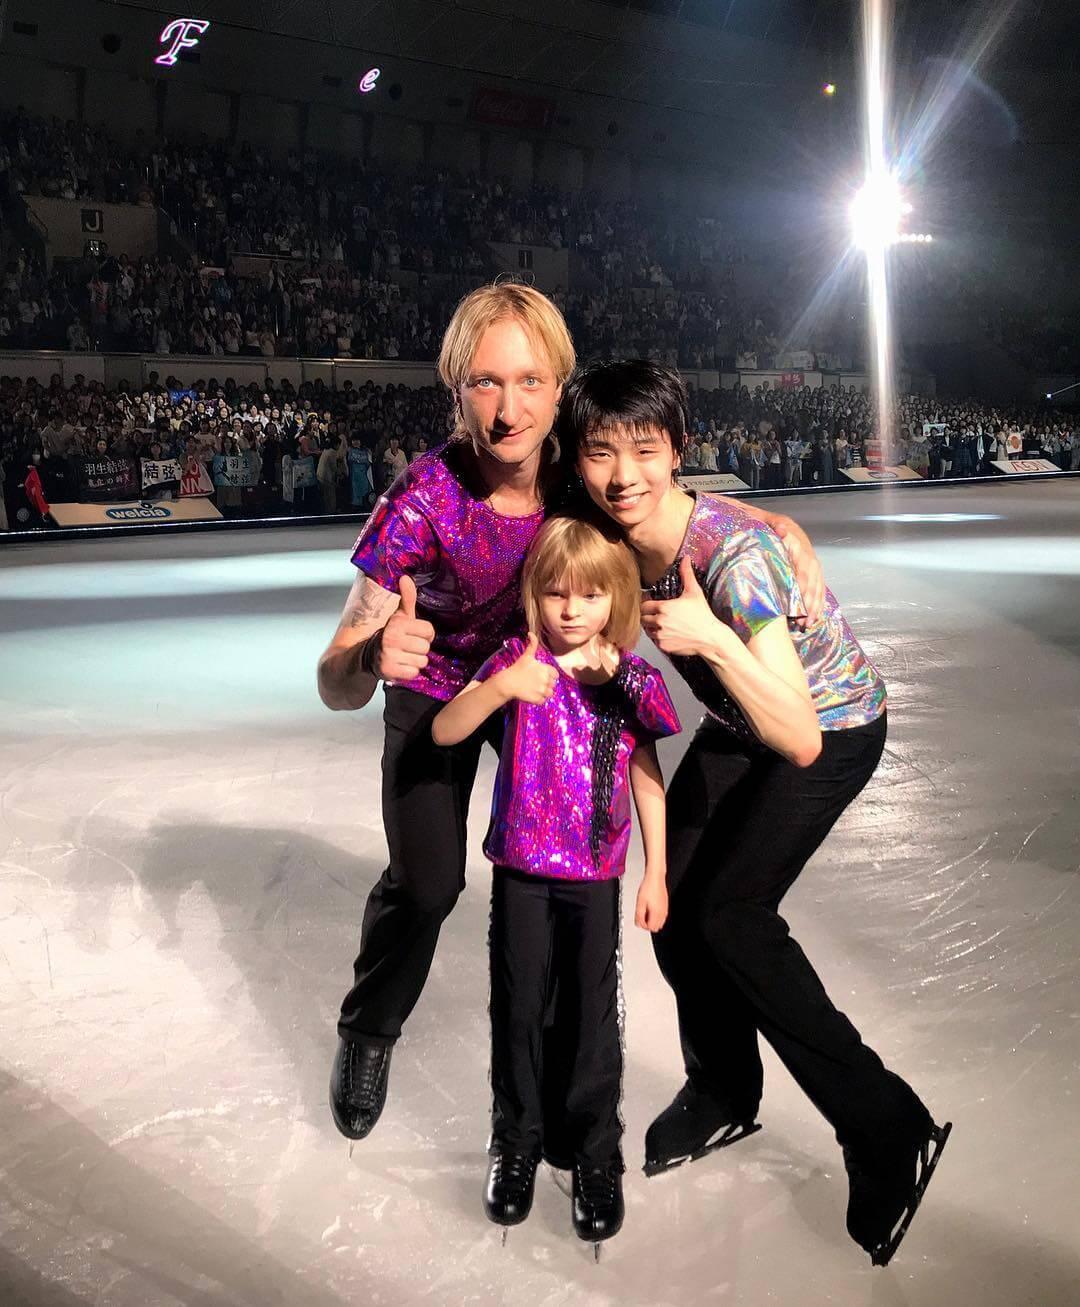 サーシャが素敵な写真を公開!「パーパとユヅル・ハニュー、2人で6個のオリンピックメダル!金が4個と銀が2個」